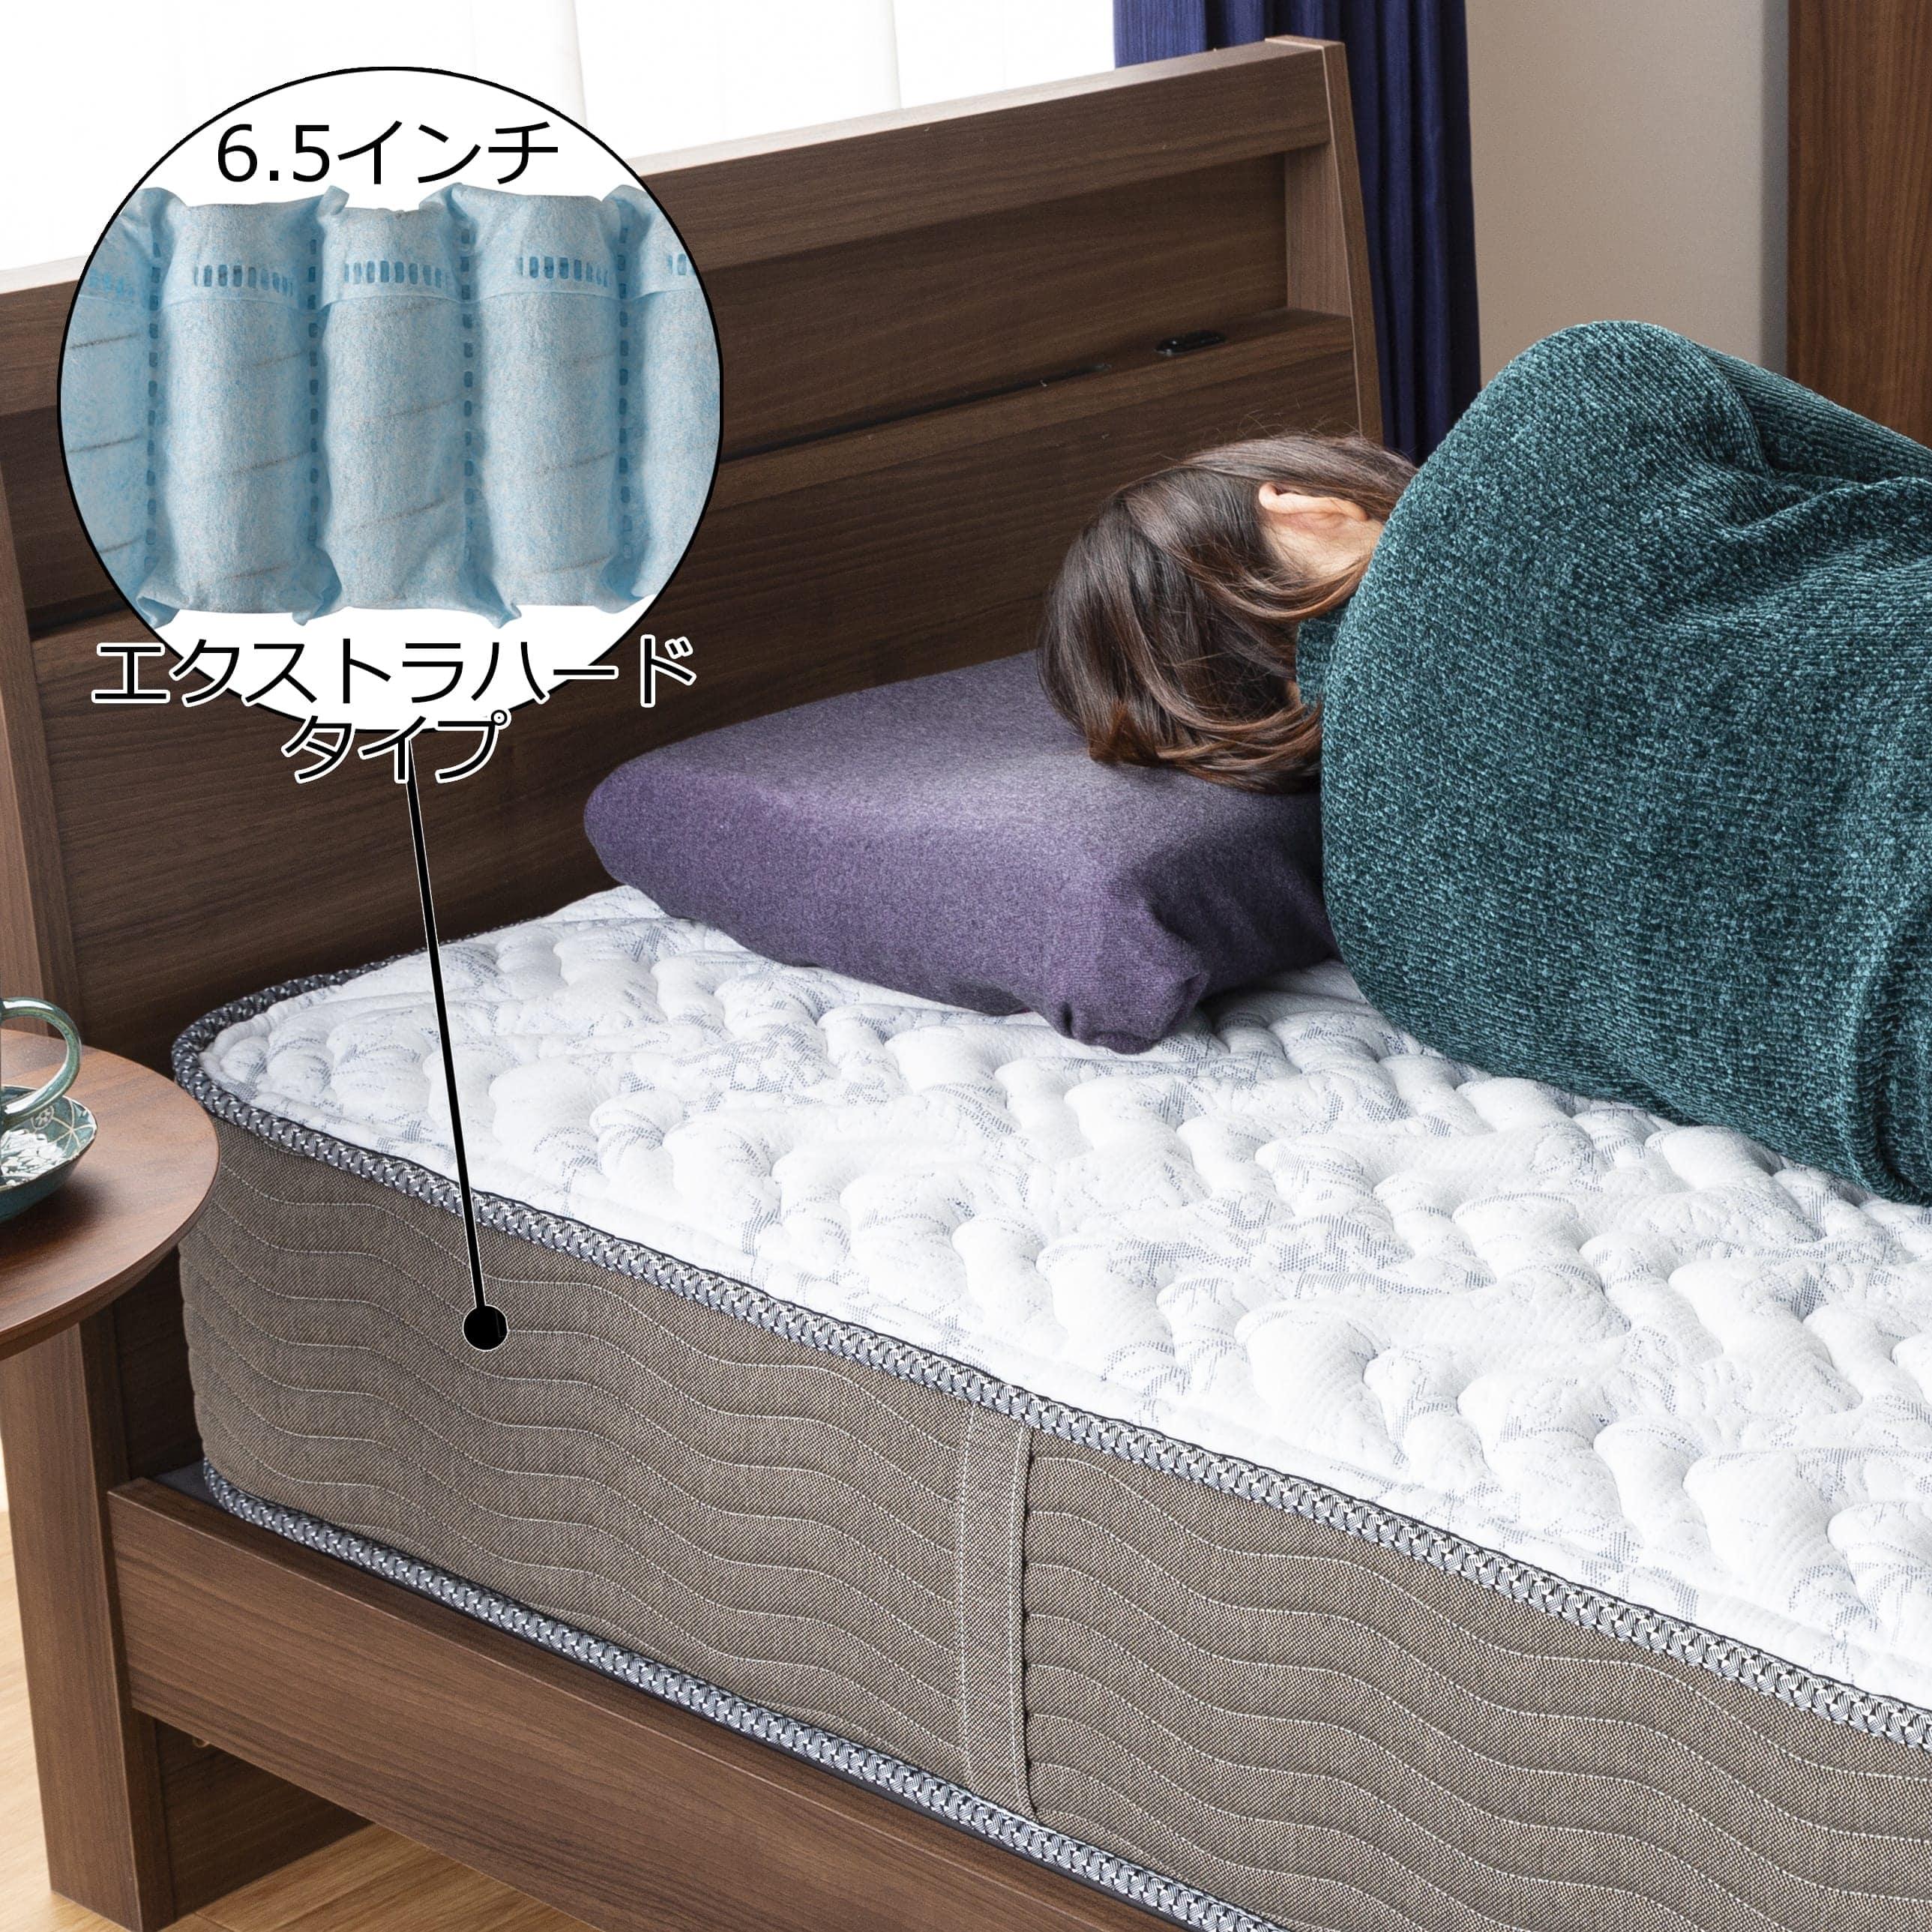 シモンズ 6.5インチEHスイートPRE AB17S17(セミダブルマットレス):ソフトな寝心地の、ニューフィットタイプ